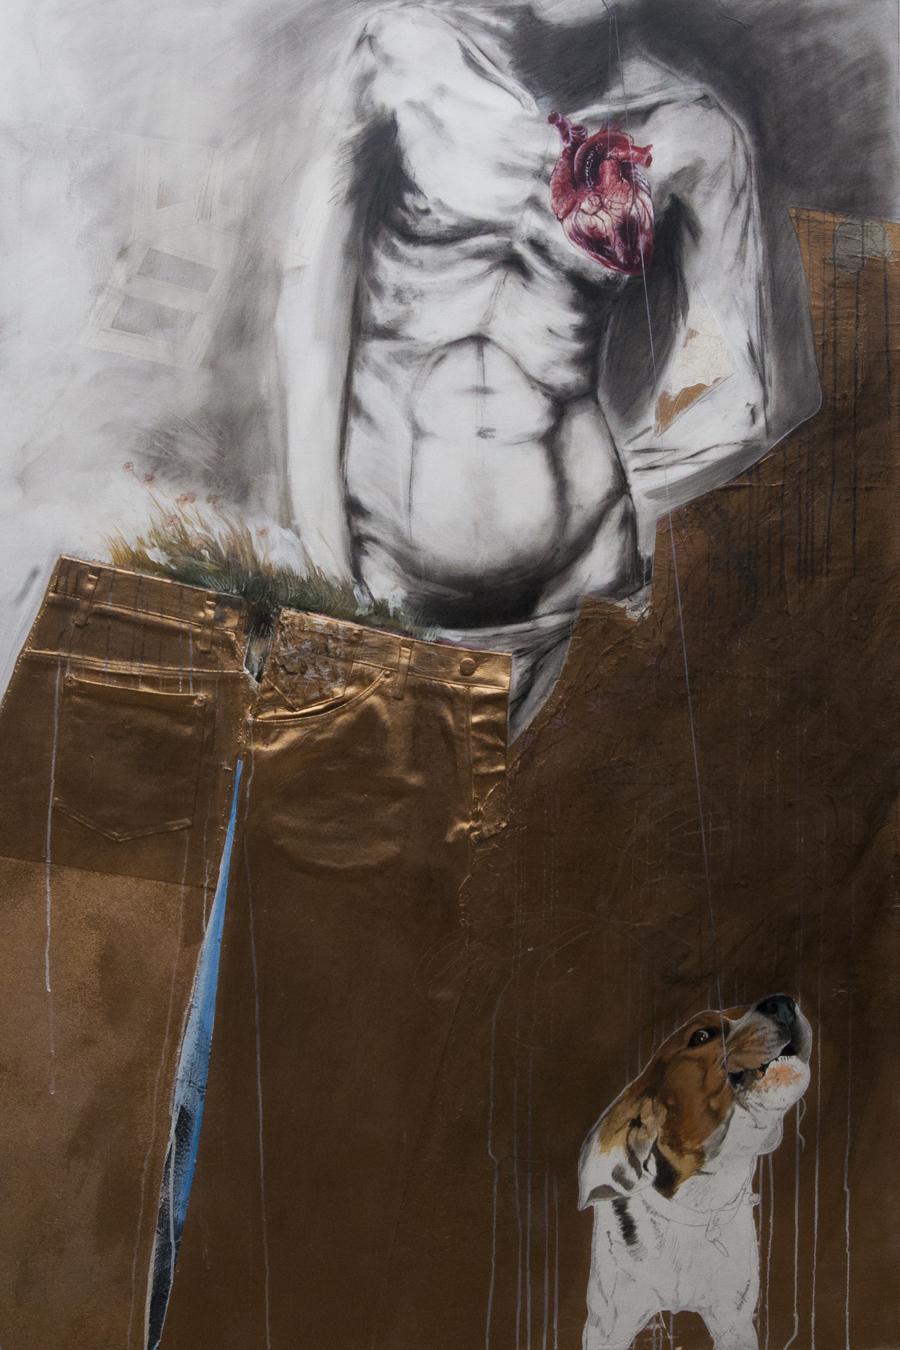 O meu coração ficou com o cão, técnica mista sobre tela, 150 x100 cm,  2015